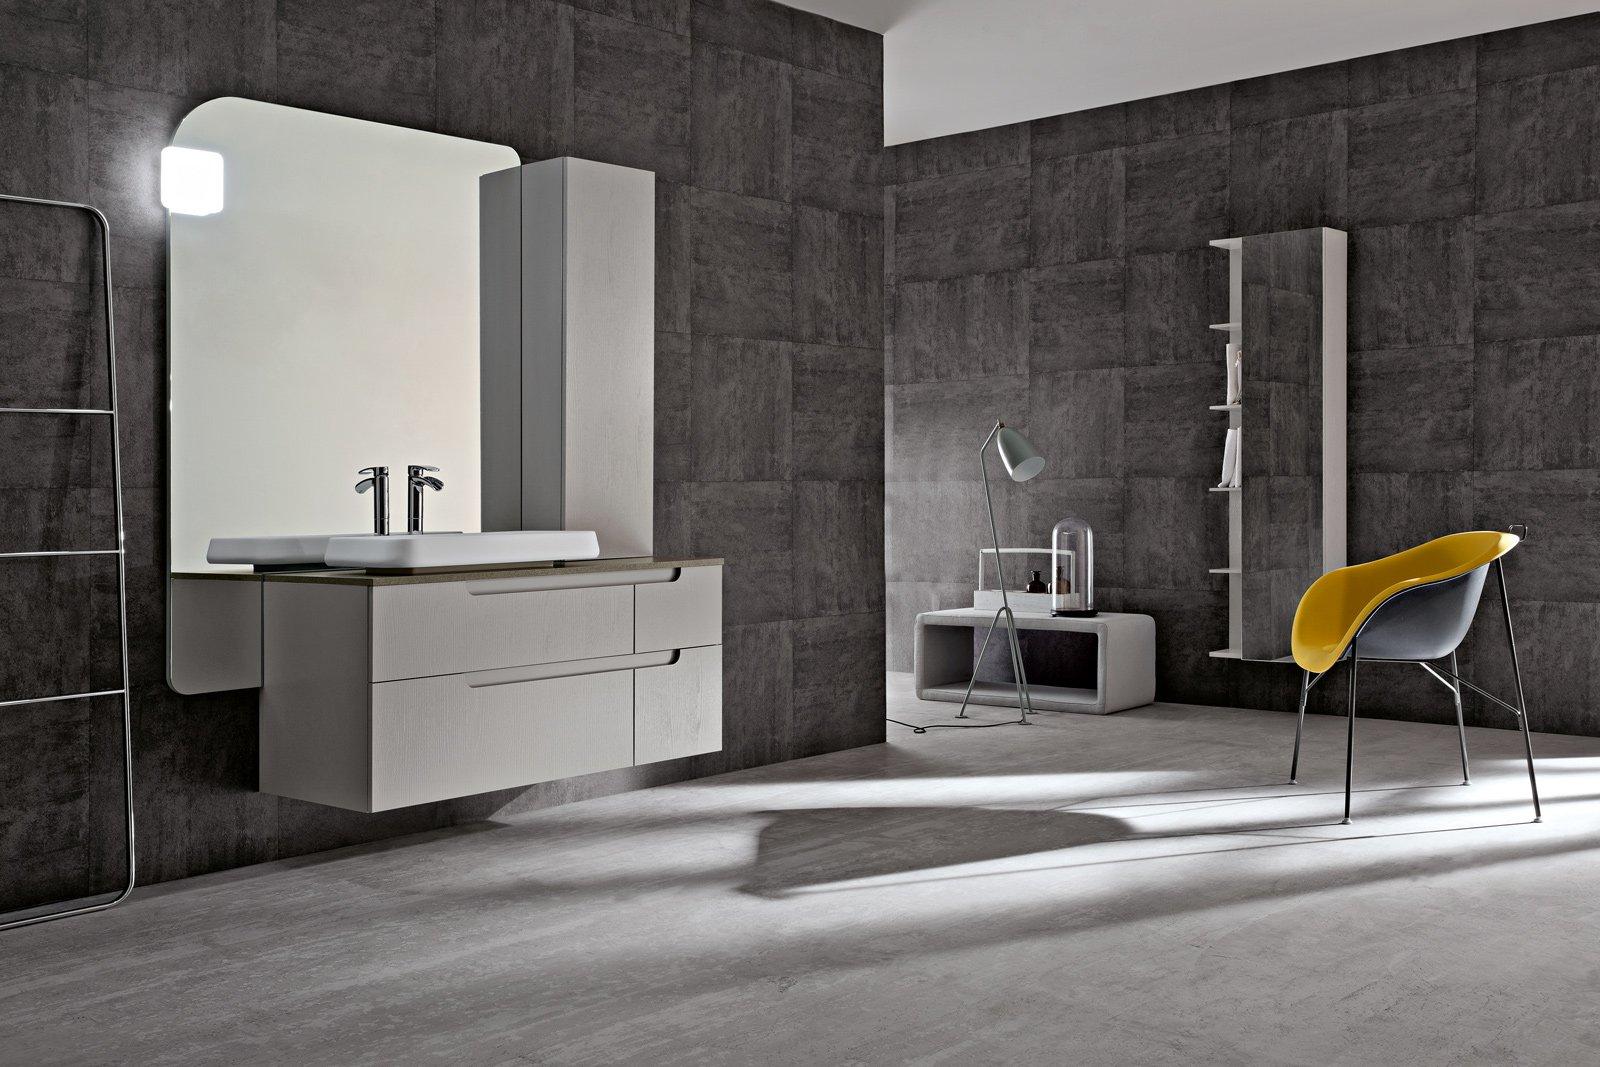 Mobili a specchio per bagno ikea mobili x bagno ikea trendy orologi adesivi leroy merlin con - Ikea mobili per lavabo bagno ...